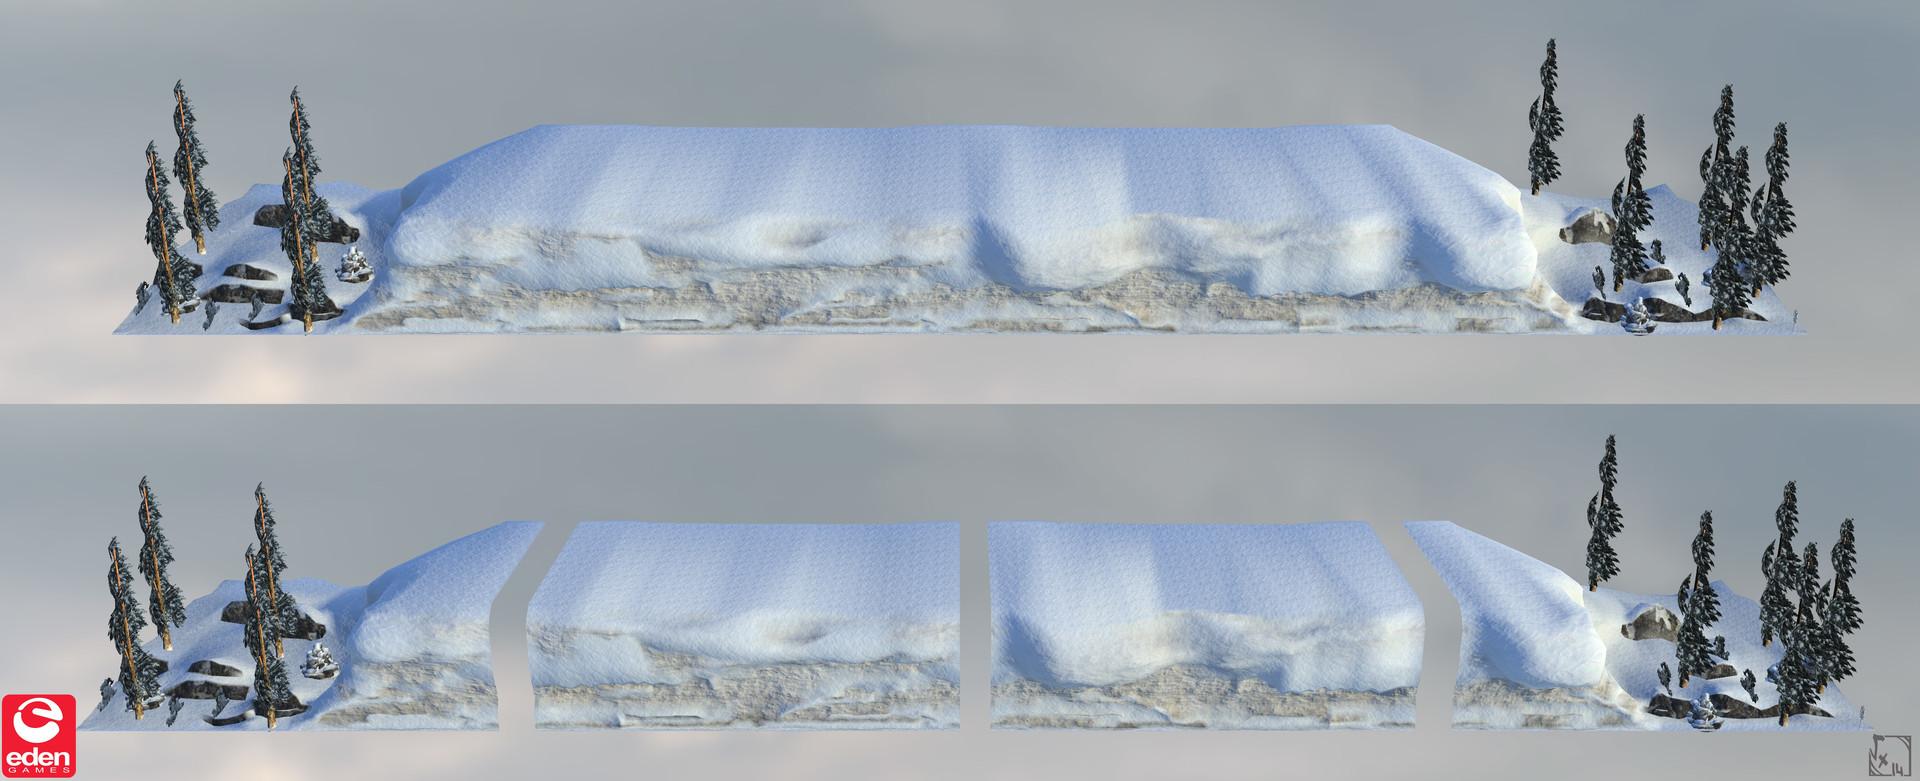 Etienne beschet alpssubsettrenchhill